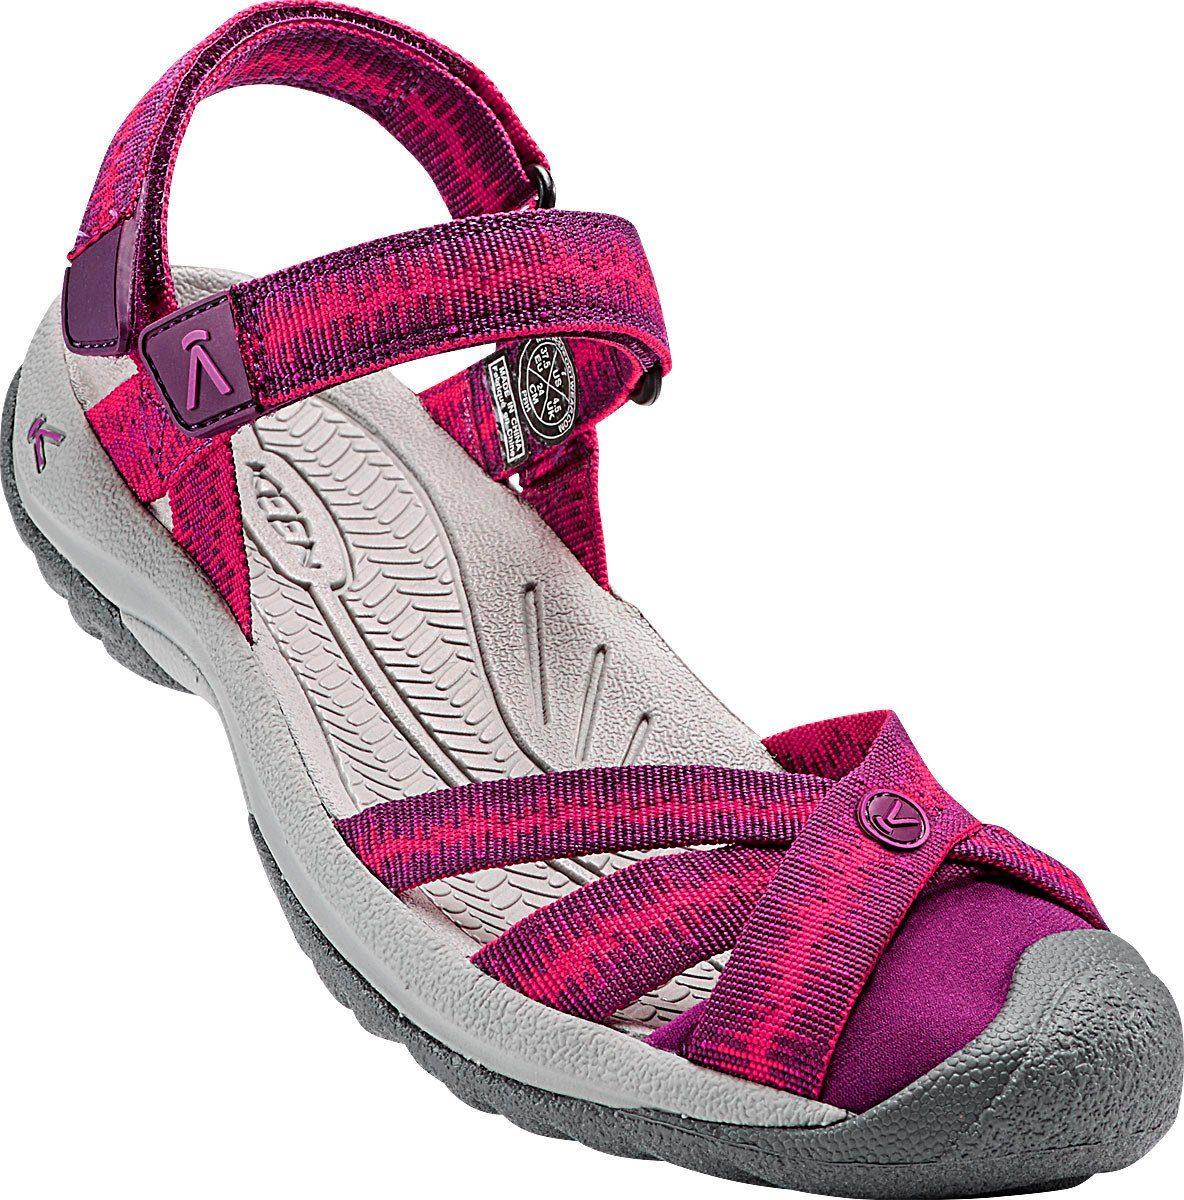 Keen Sandale »Bali Strap Sandals Women«